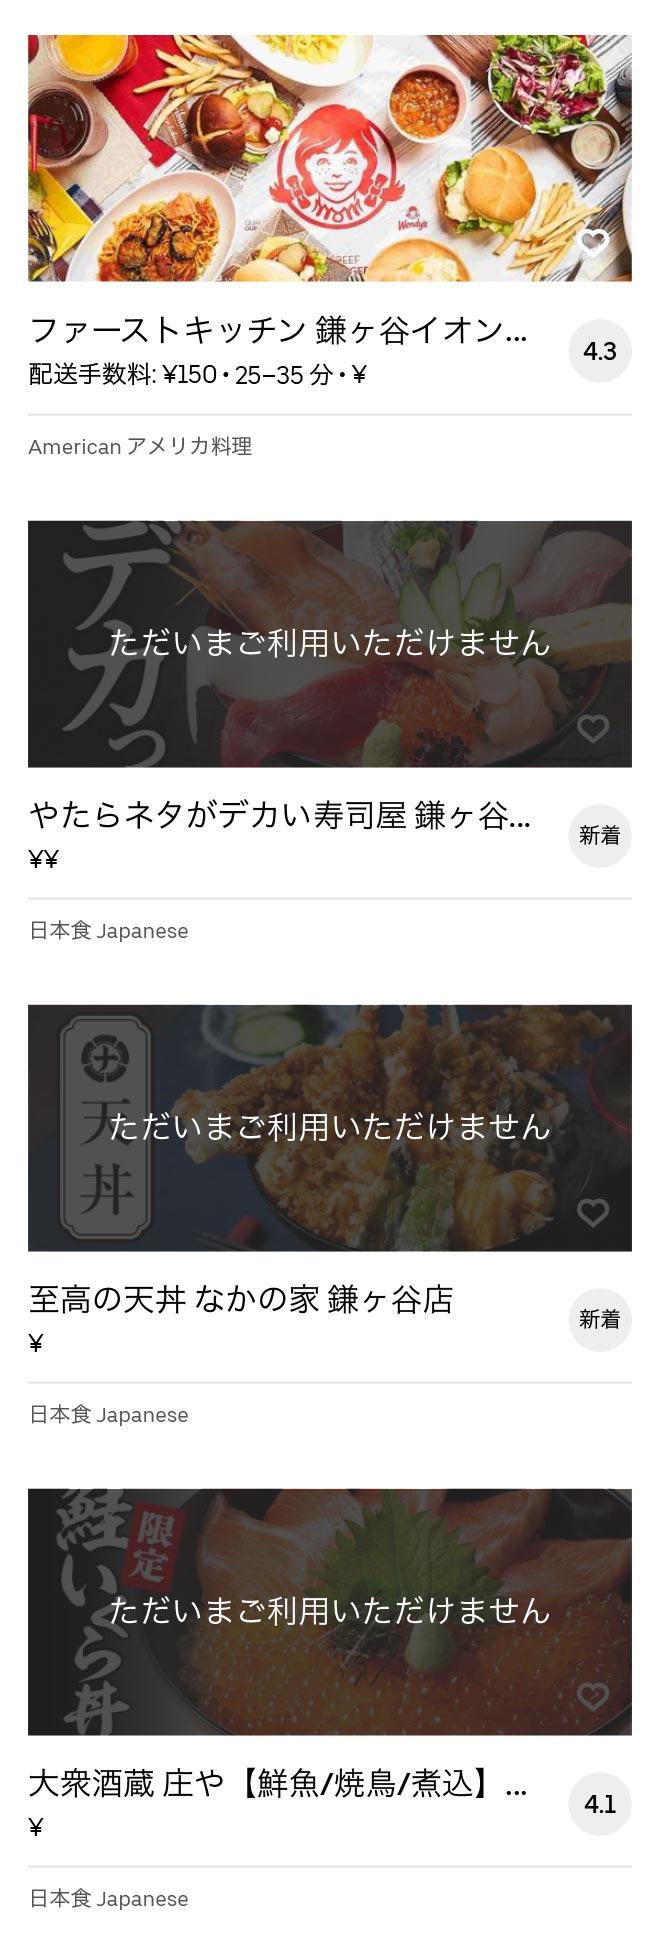 Shin kamagaya menu 2008 04